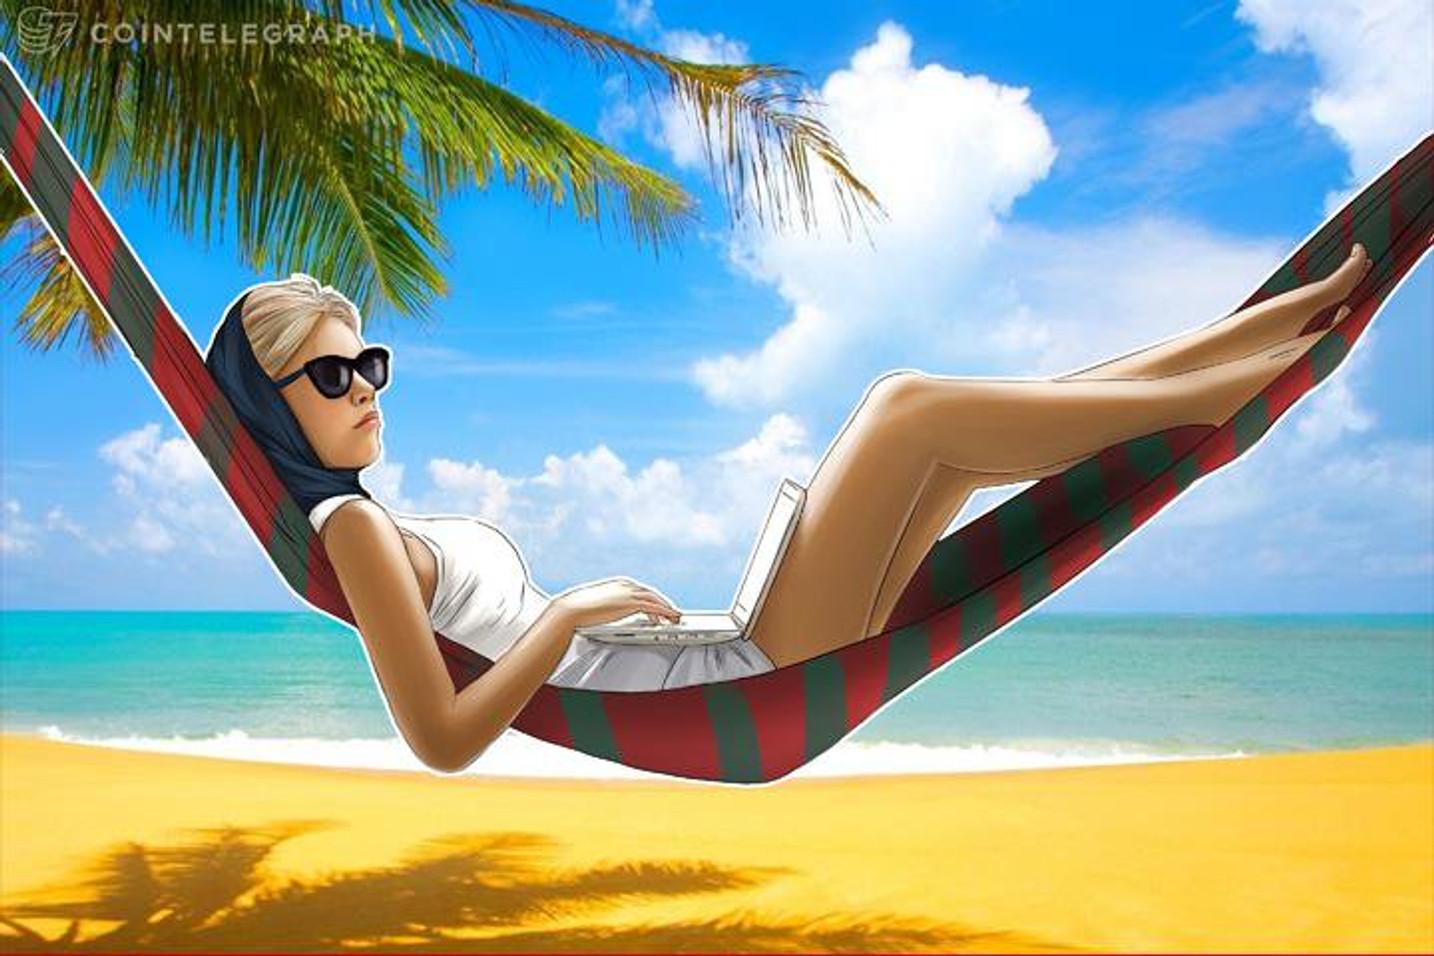 España: Afirman que Playa de Palma es un destino turístico pionero en utilizar criptomonedas como medio de pago